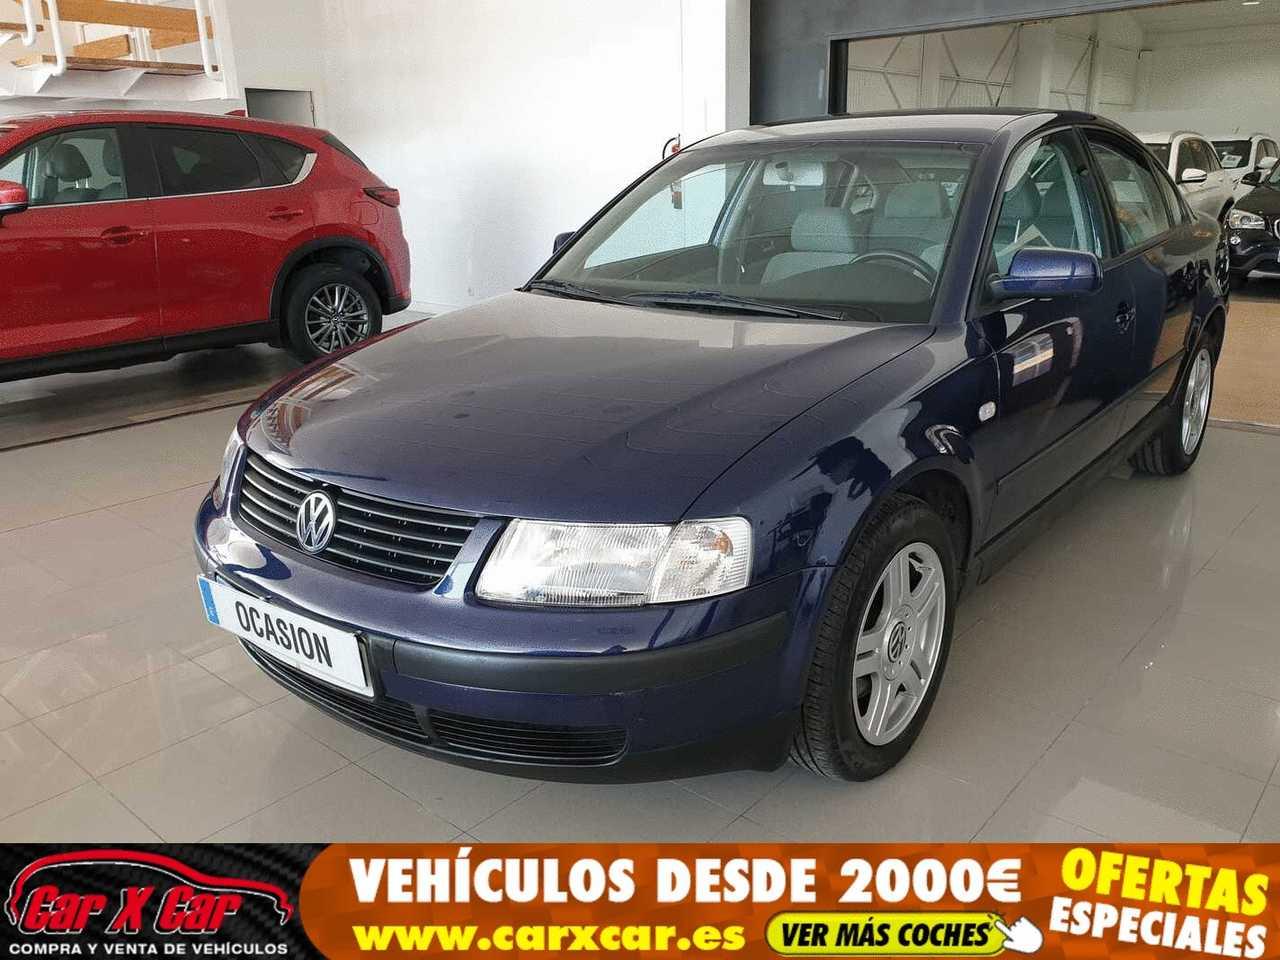 Volkswagen Passat 1.9 TDI COMFORTLINE   - Foto 1